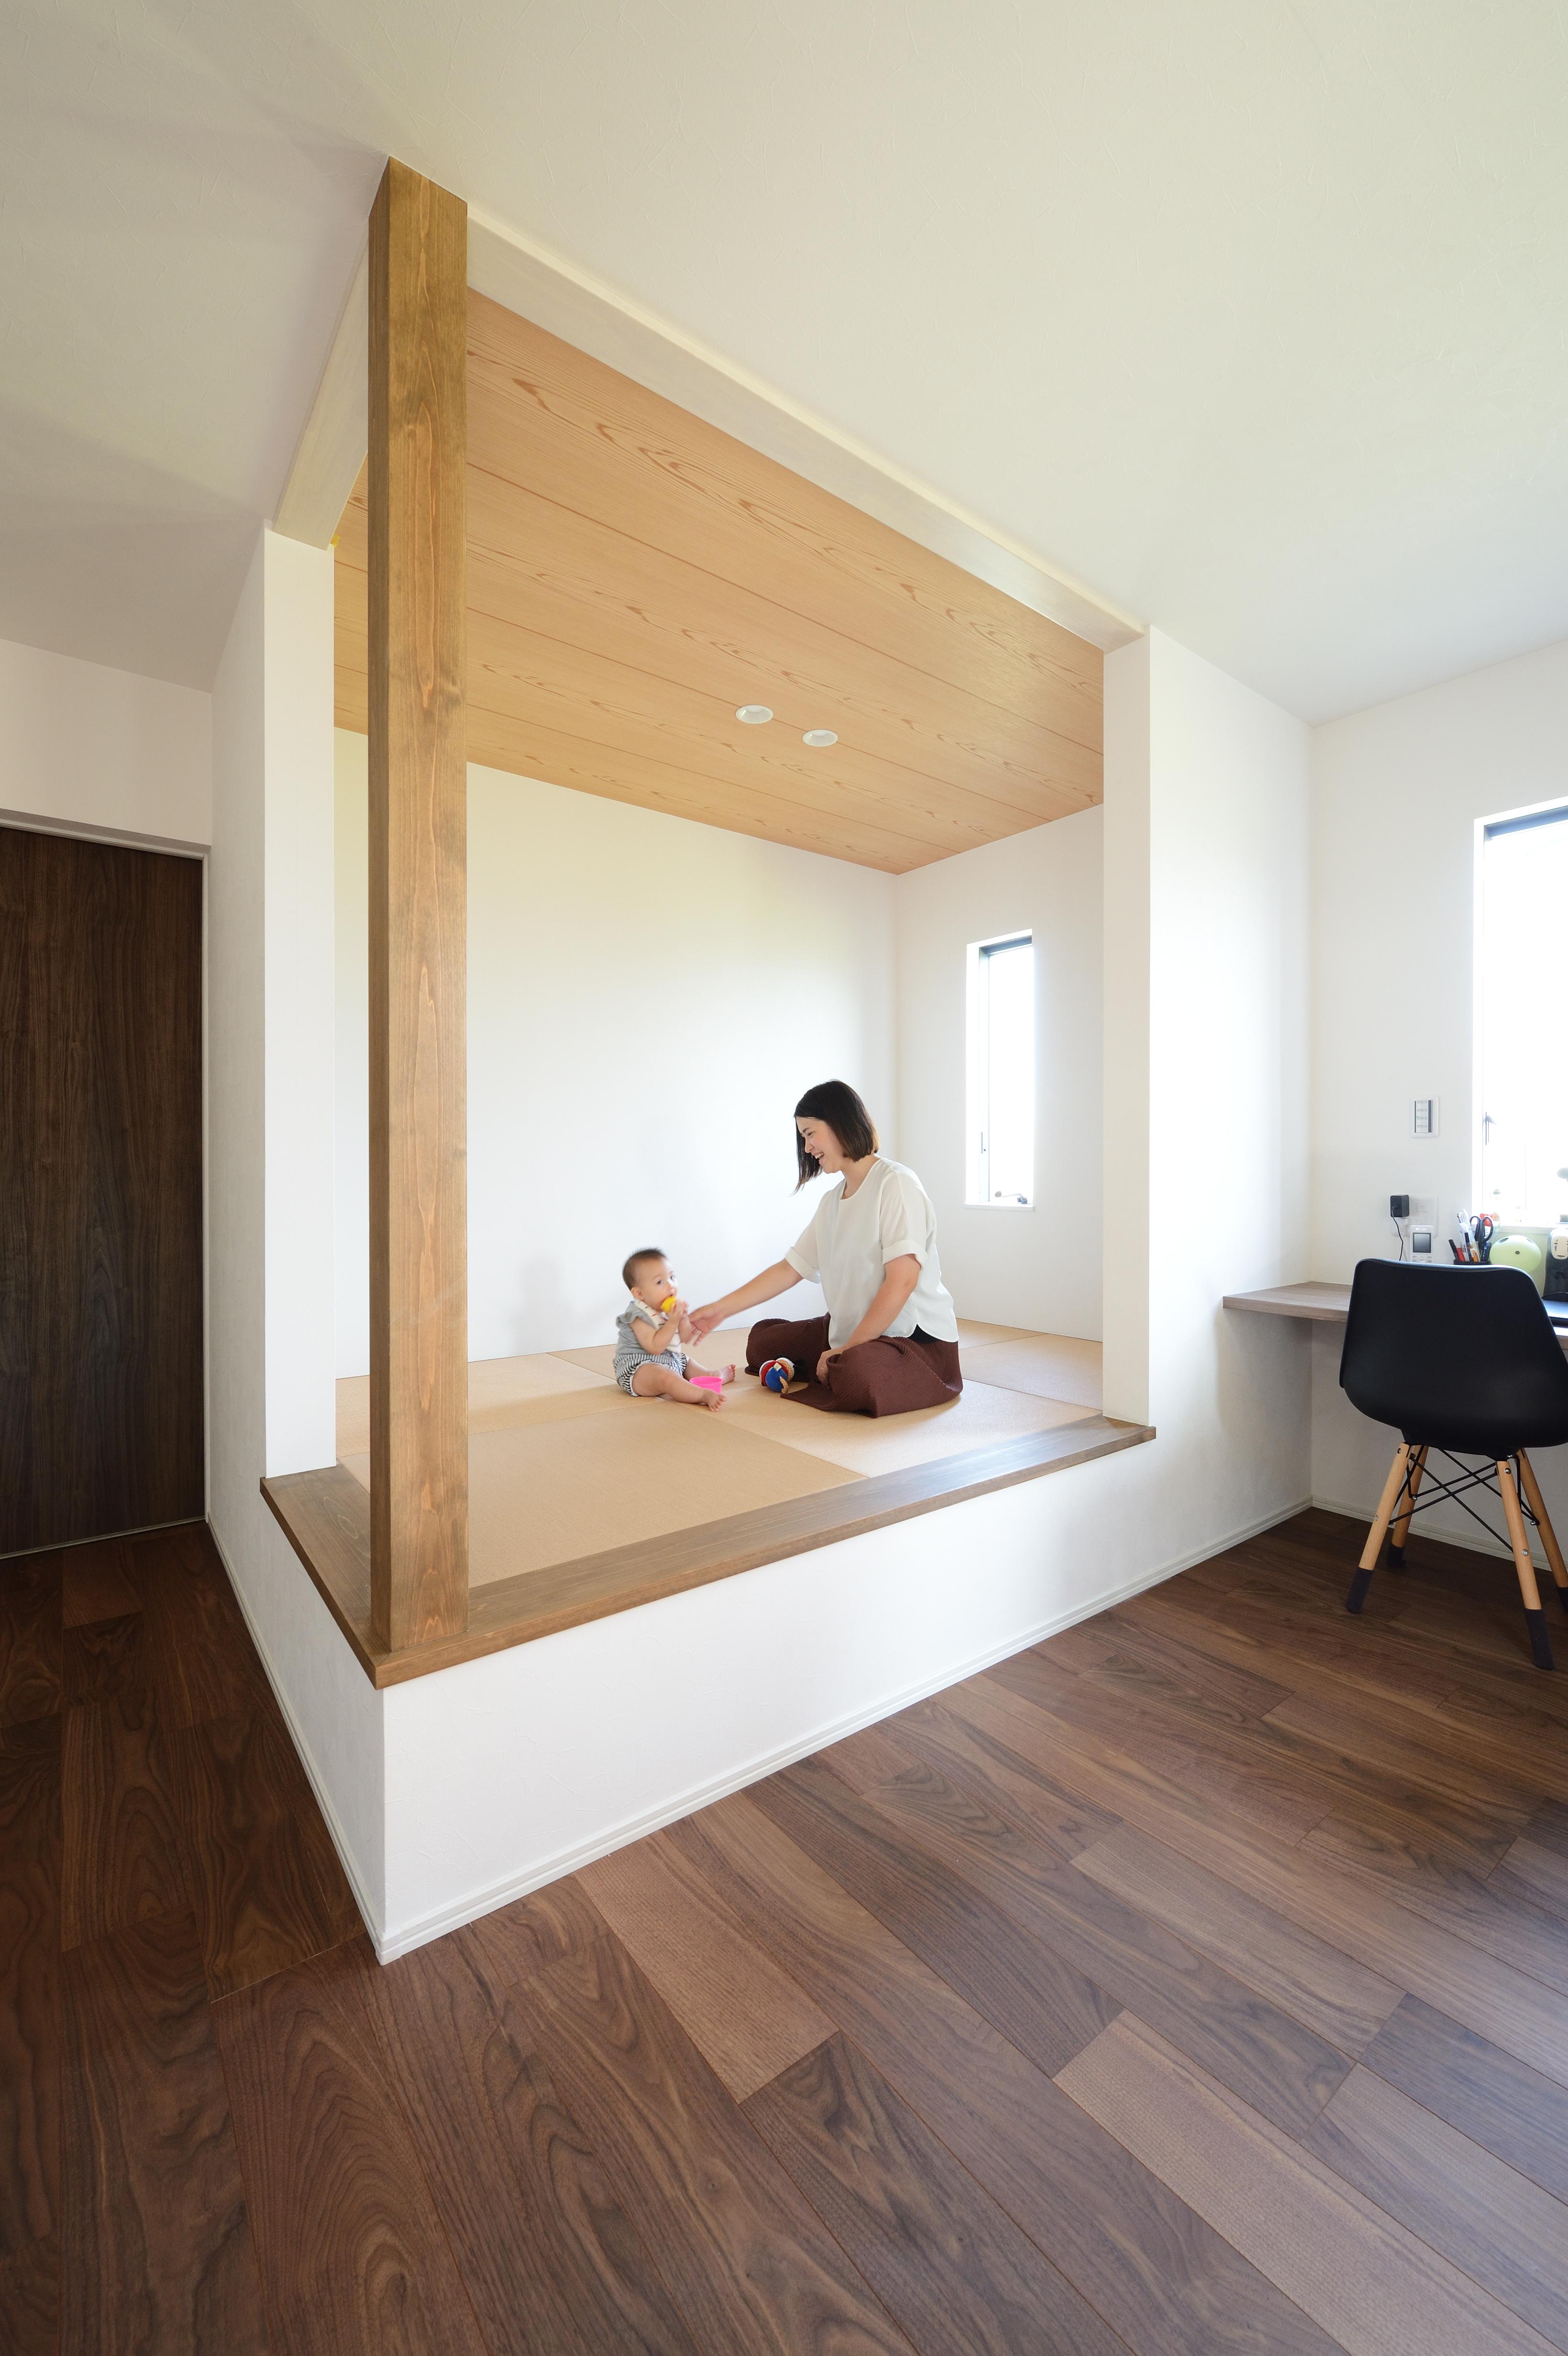 アルファホーム【デザイン住宅、子育て、インテリア】約3帖の広さのタタミコーナー。お子様のお昼寝スペースや遊び場としてはもちろん、小上がりにすることで気軽に座れるくつろぎスペースに。タタミの色をベージュ系にすることでLDKと一体感のあるコーディネート